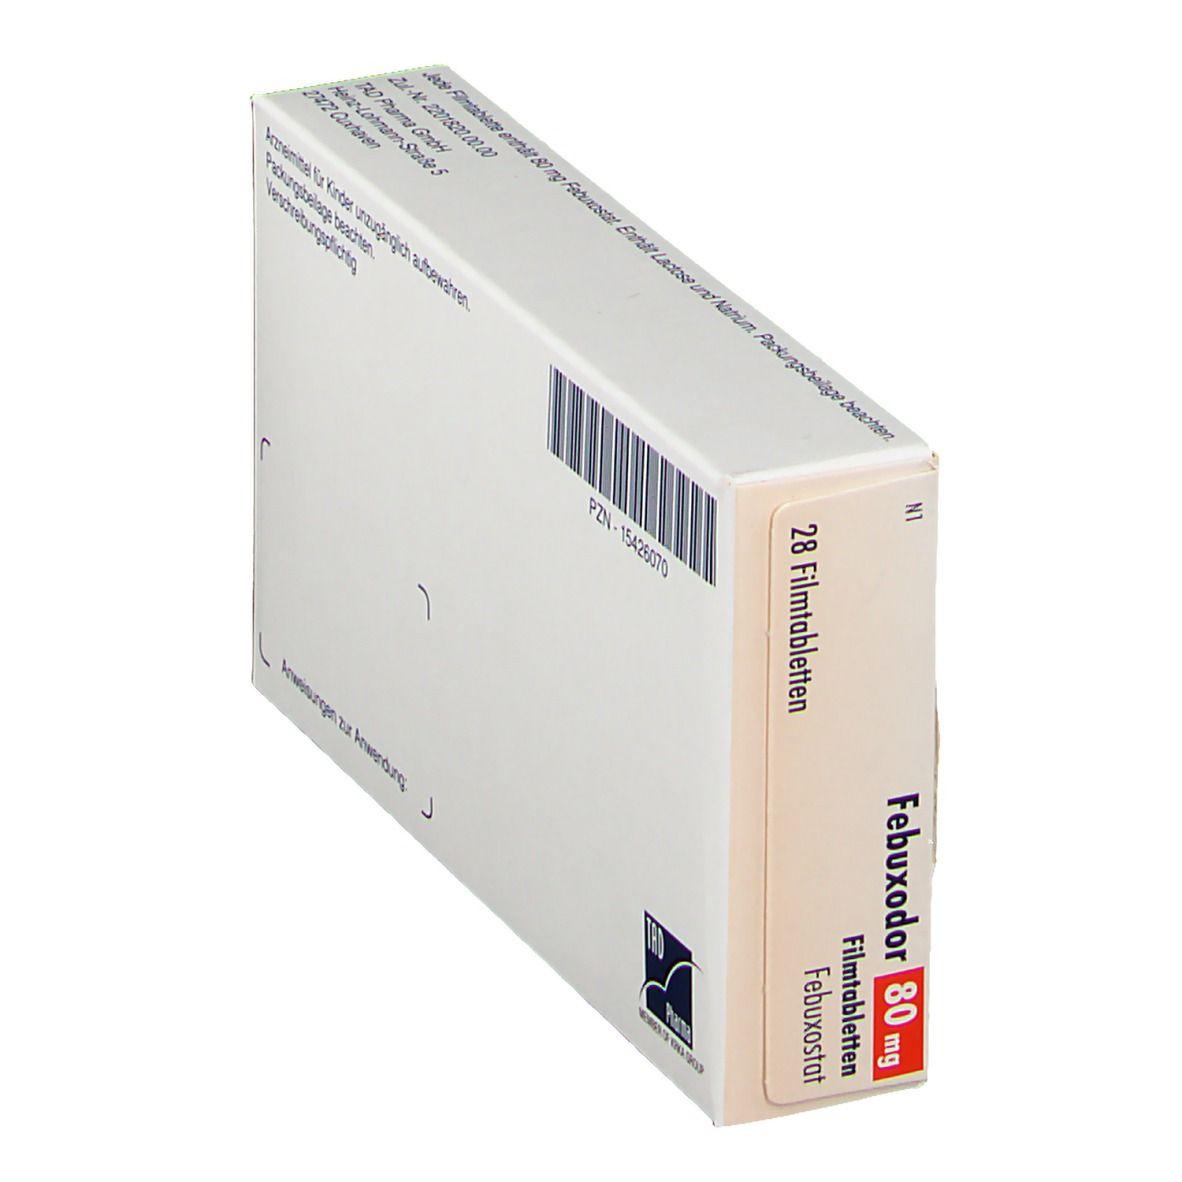 FEBUXODOR 80 mg Filmtabletten